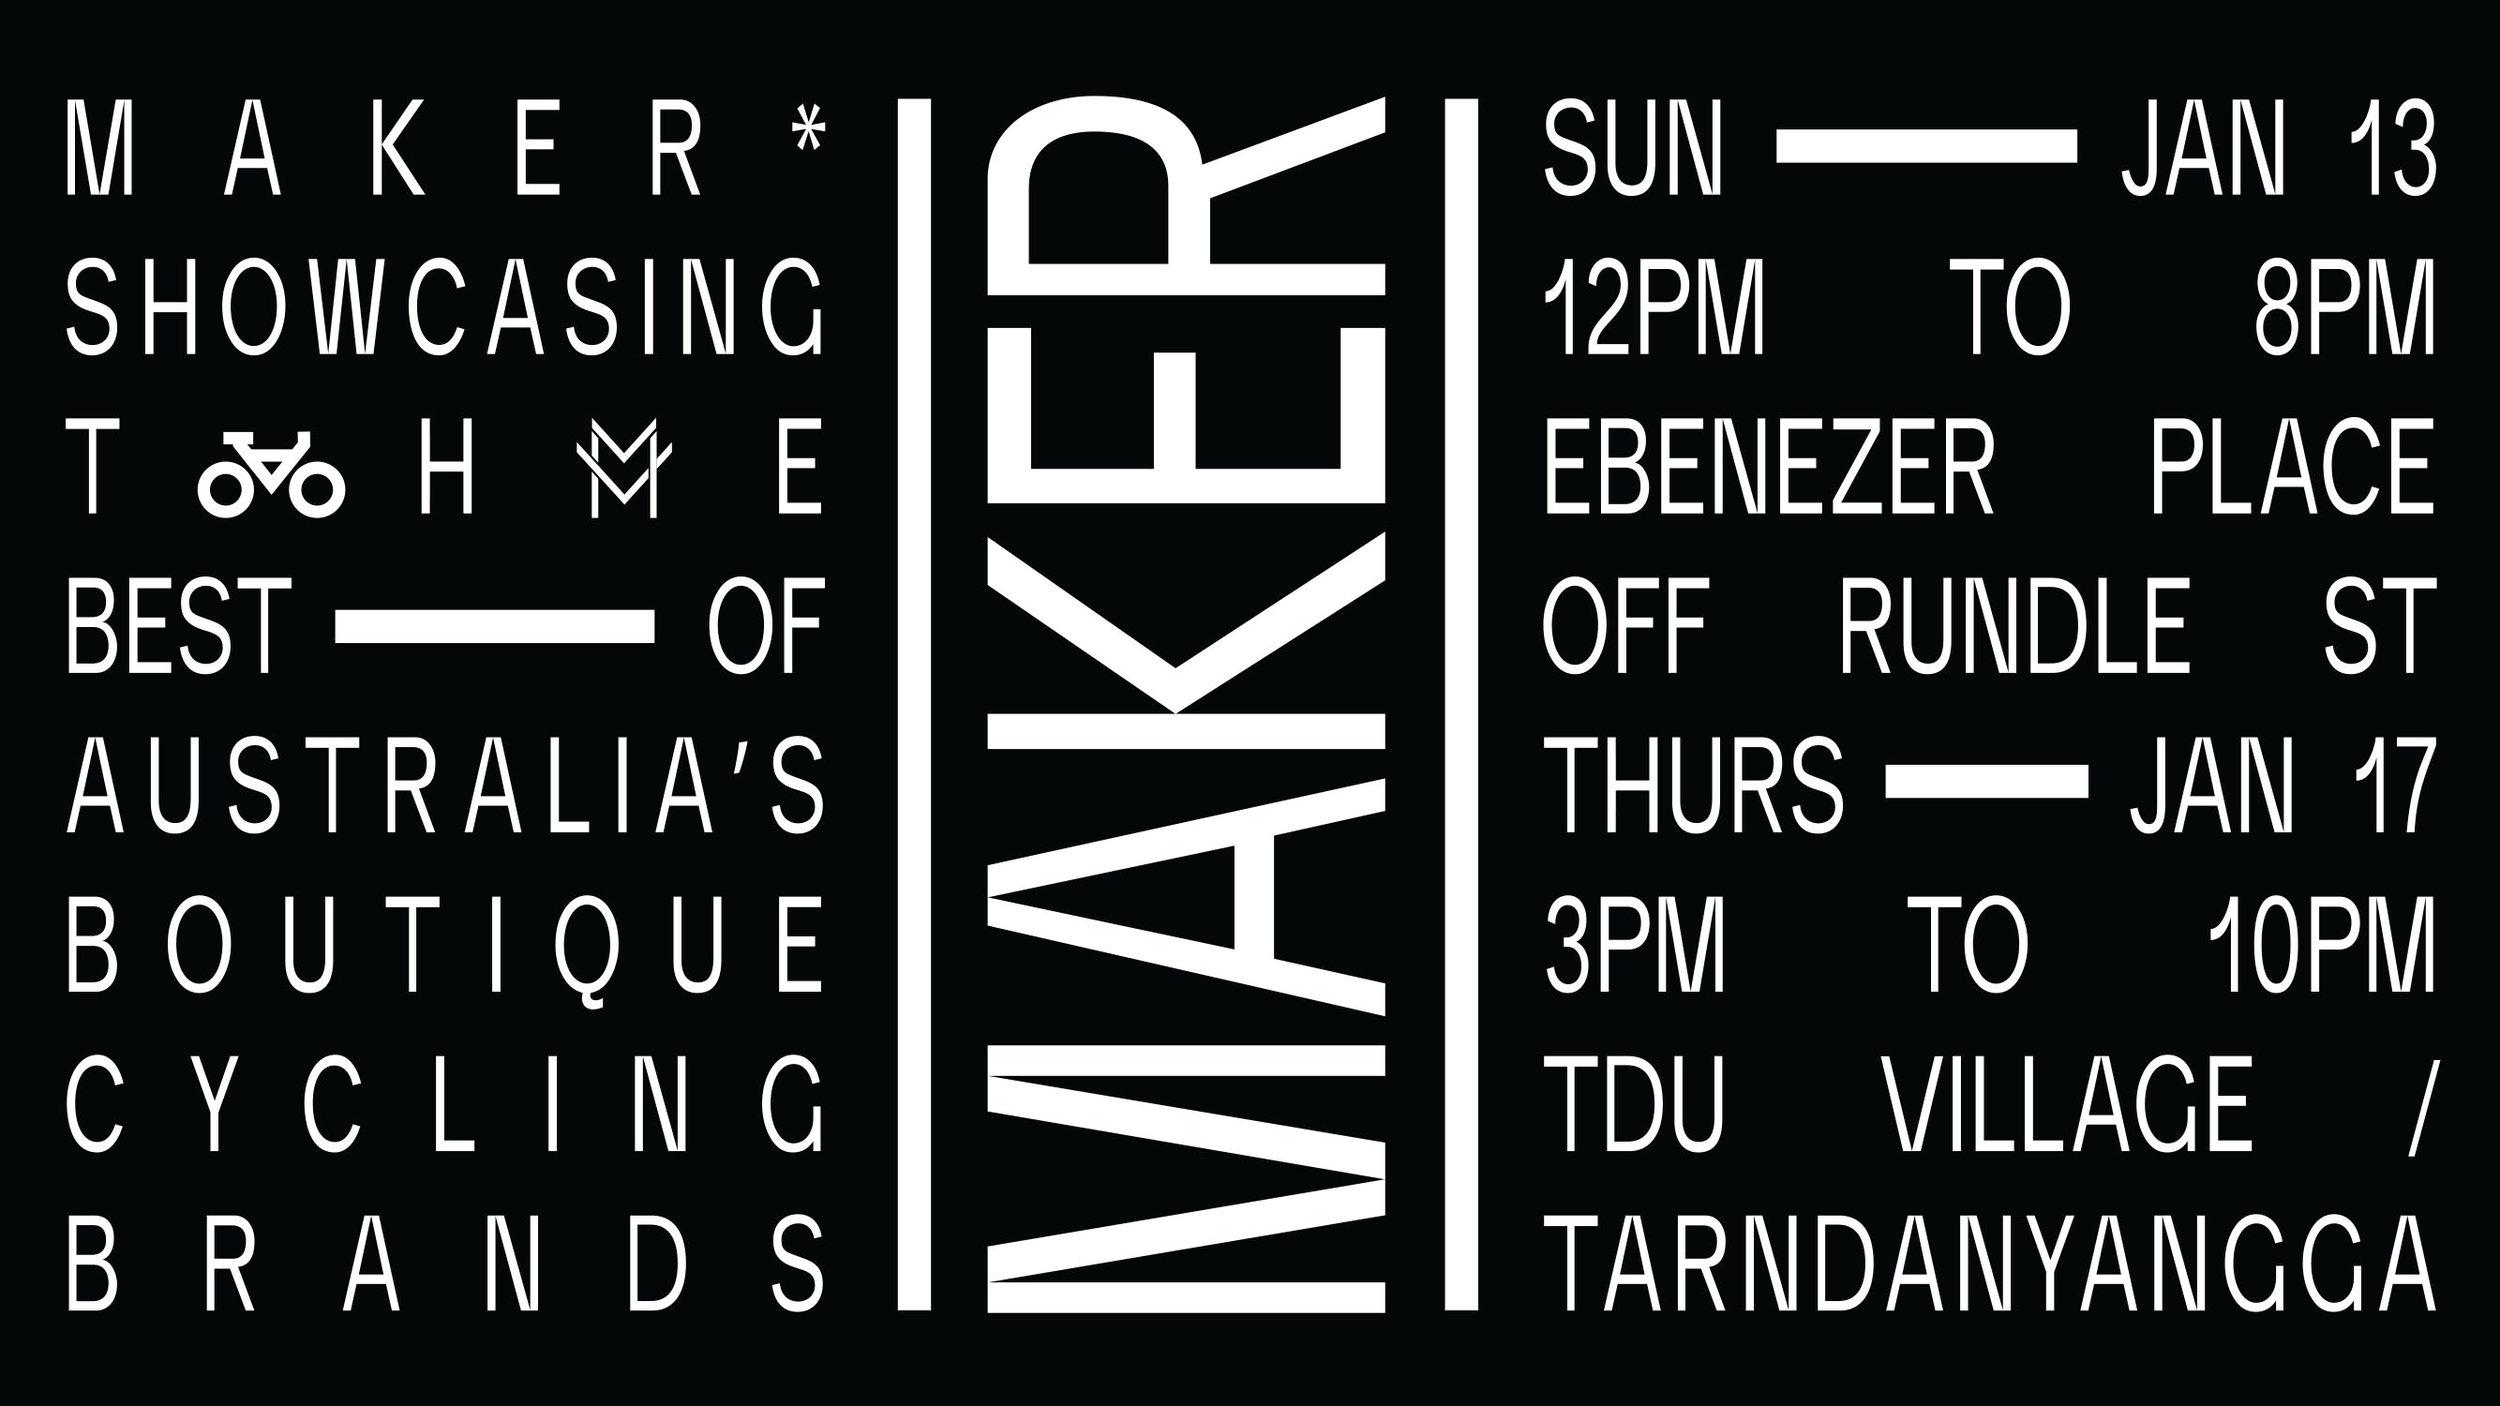 Maker Web banner 2019.jpg